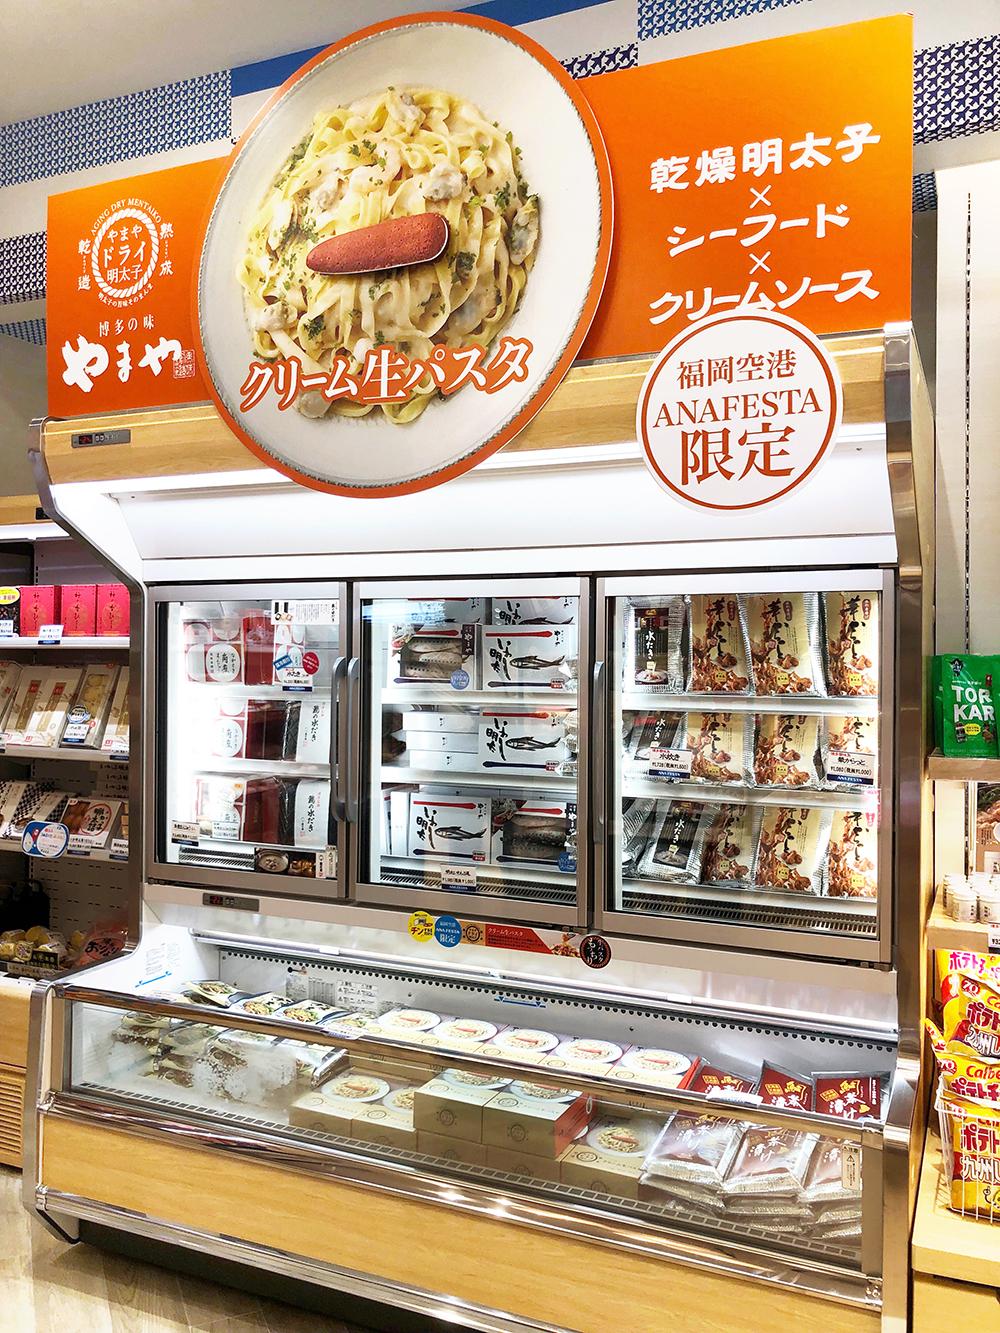 福岡空港 ANA FESTA福岡国内ロビー店